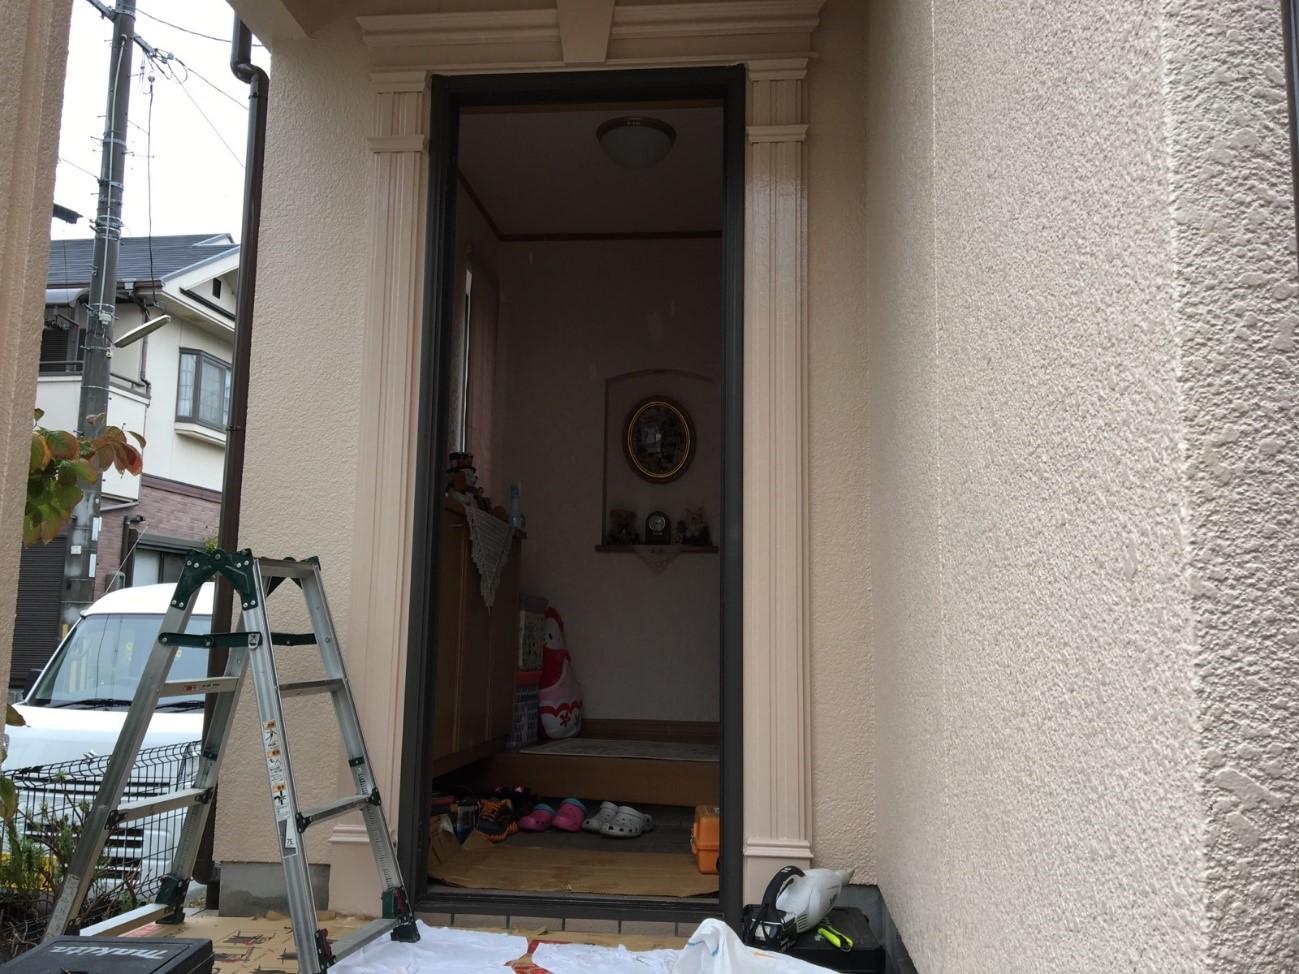 解体完了!ここから現状の枠の上にカバー工法にて新しい枠を取り付け、ドア本体を取り付けます。